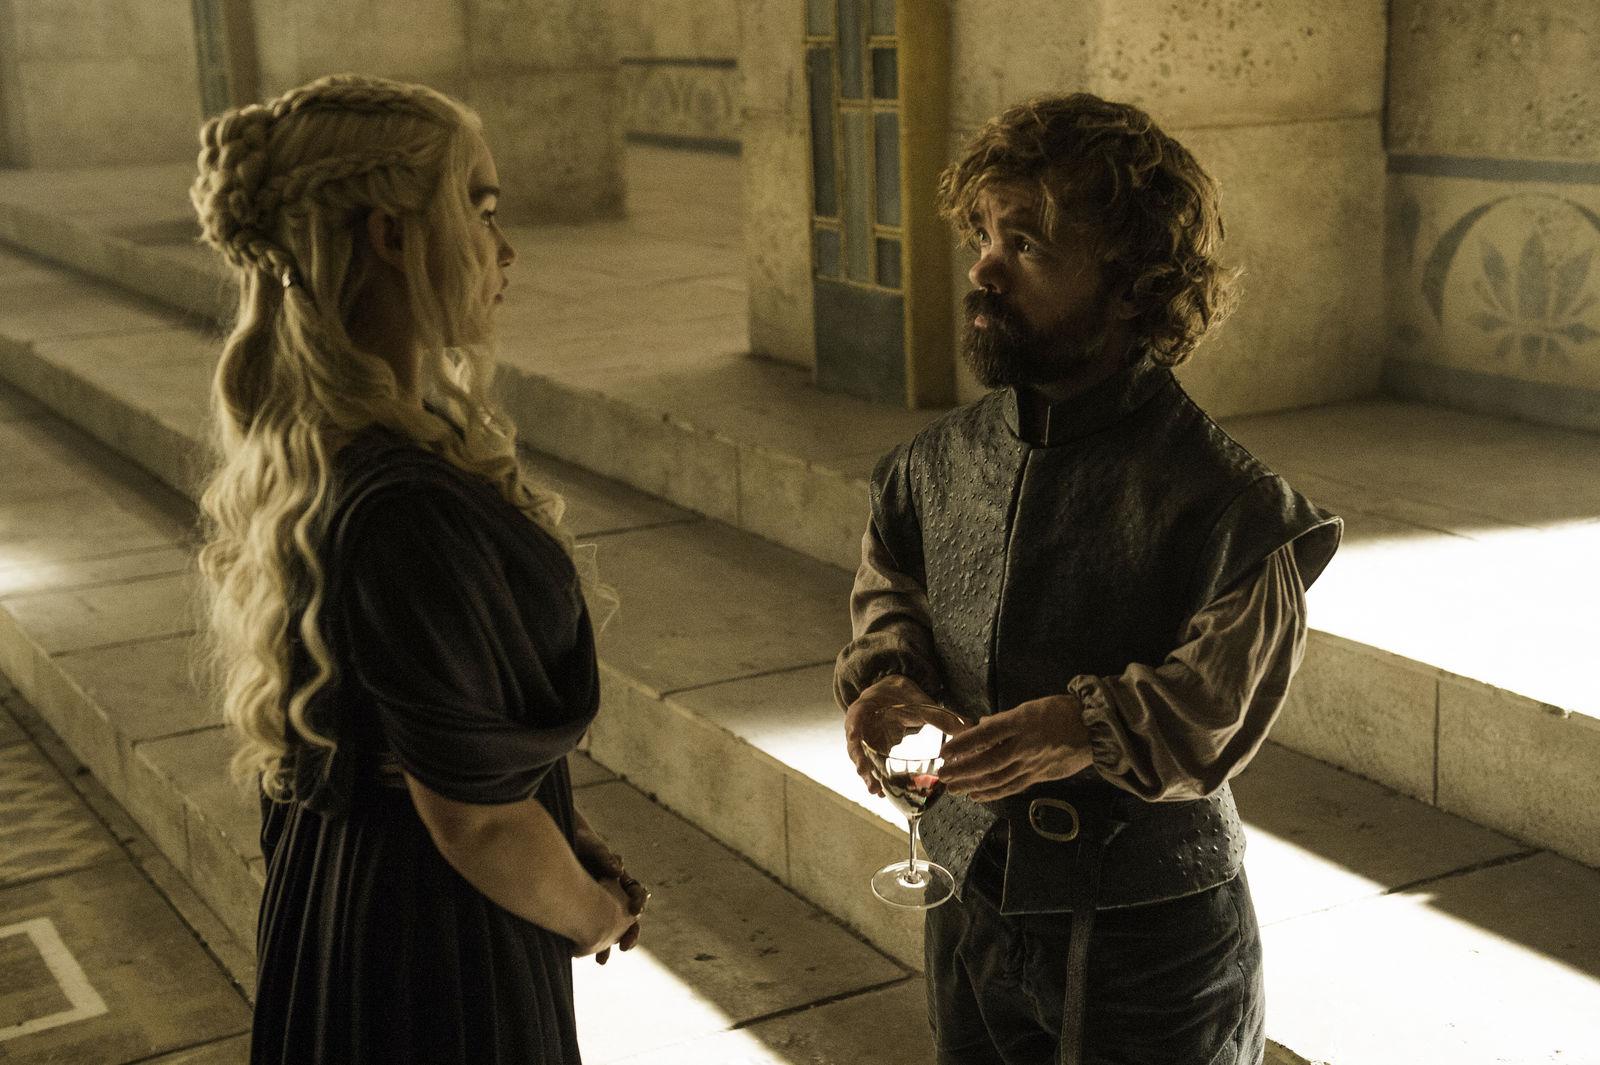 Daenerys Targaryen og Tyrion Lannister er populære skikkelser i Game of Thrones-serien.